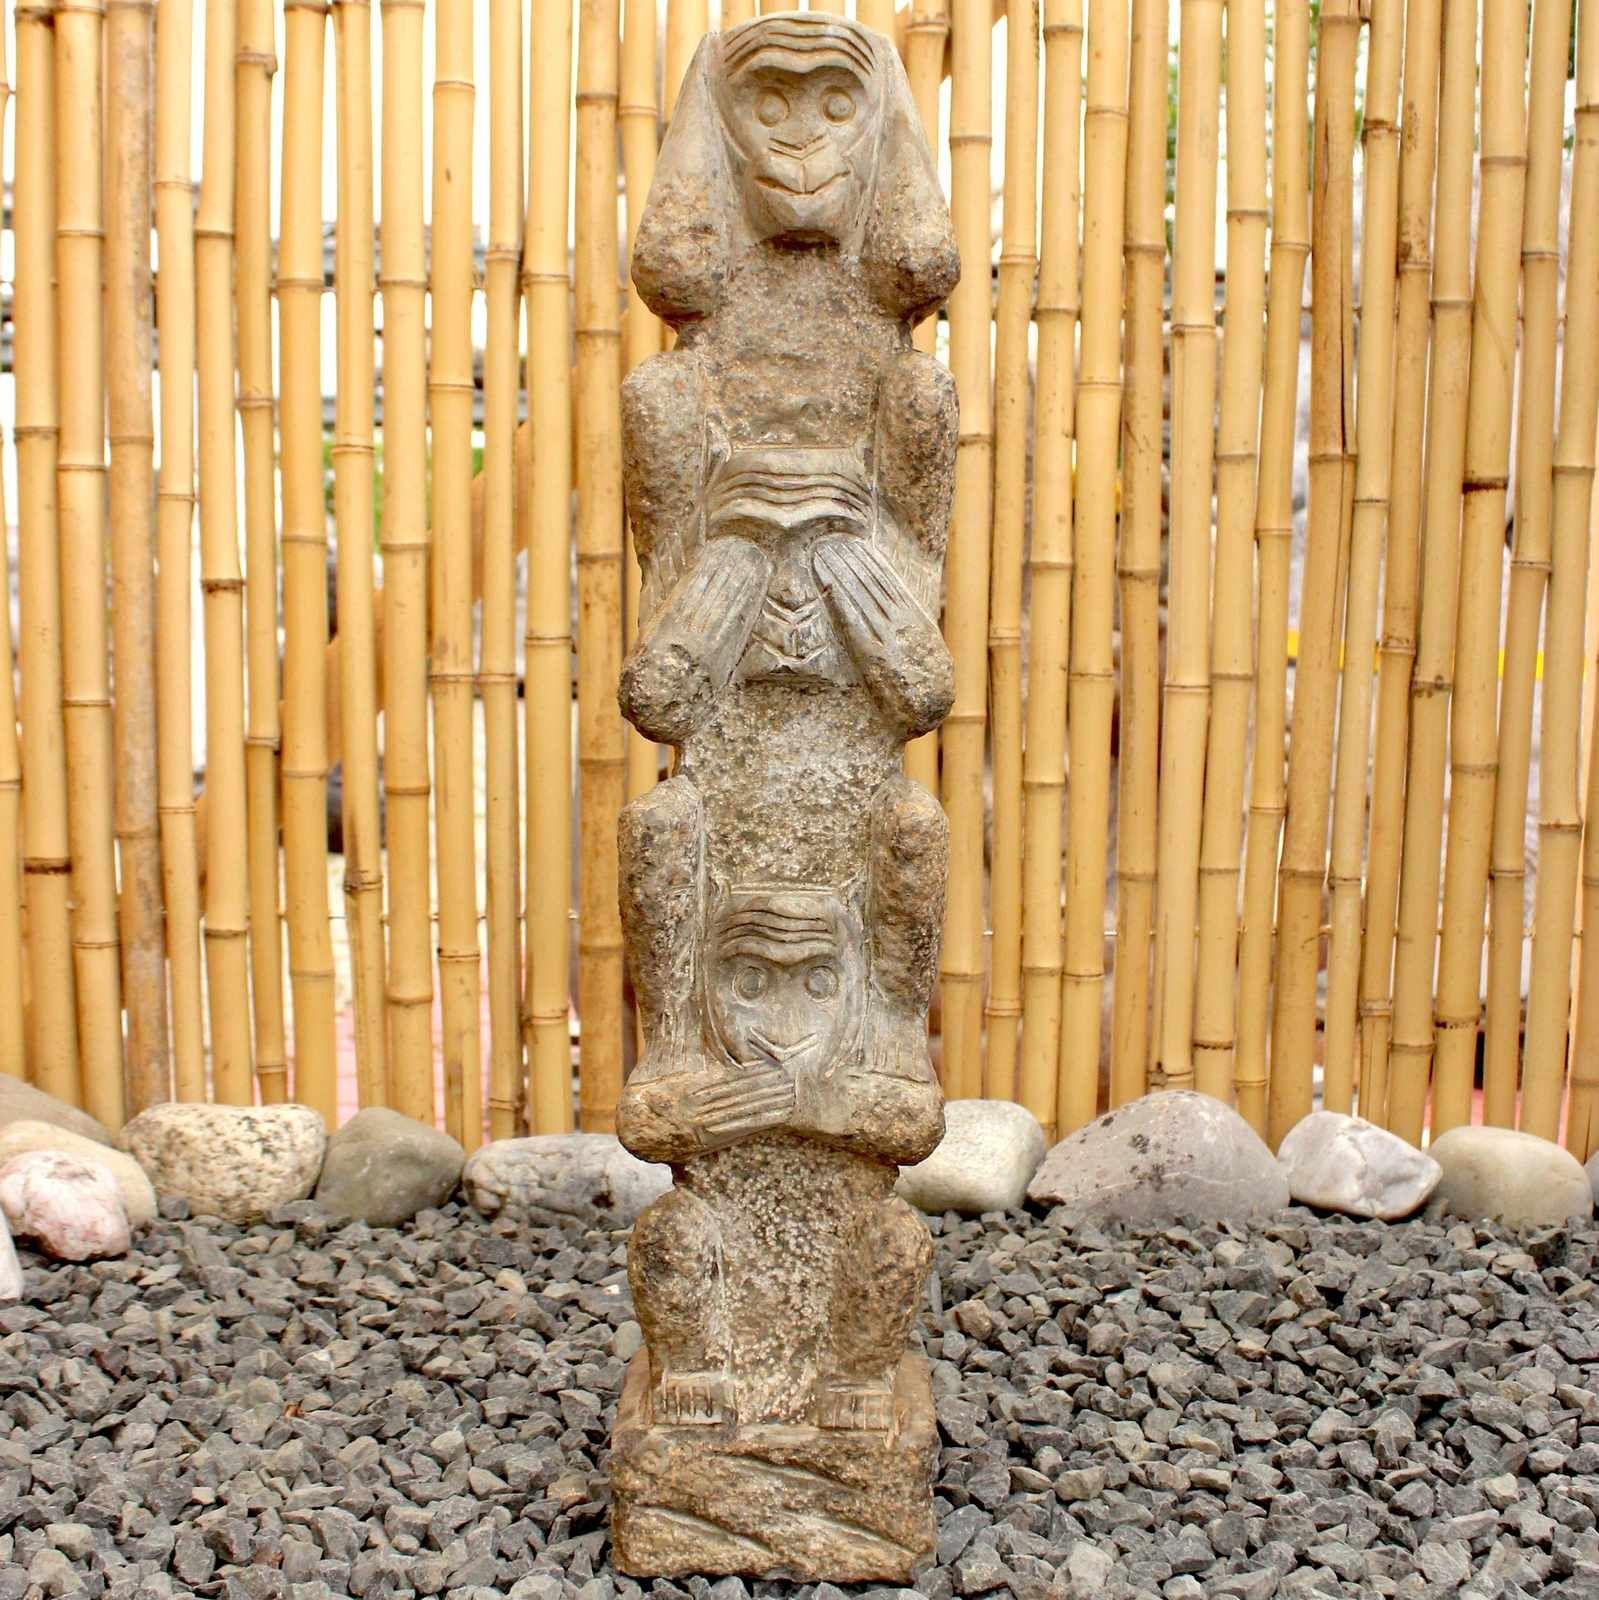 Pin Von Nadezda Ambrozova Auf Asiatische Garten Dekoration Statuen Figuren Chinesischer Garten Asiatischer Garten Gartenbrucken